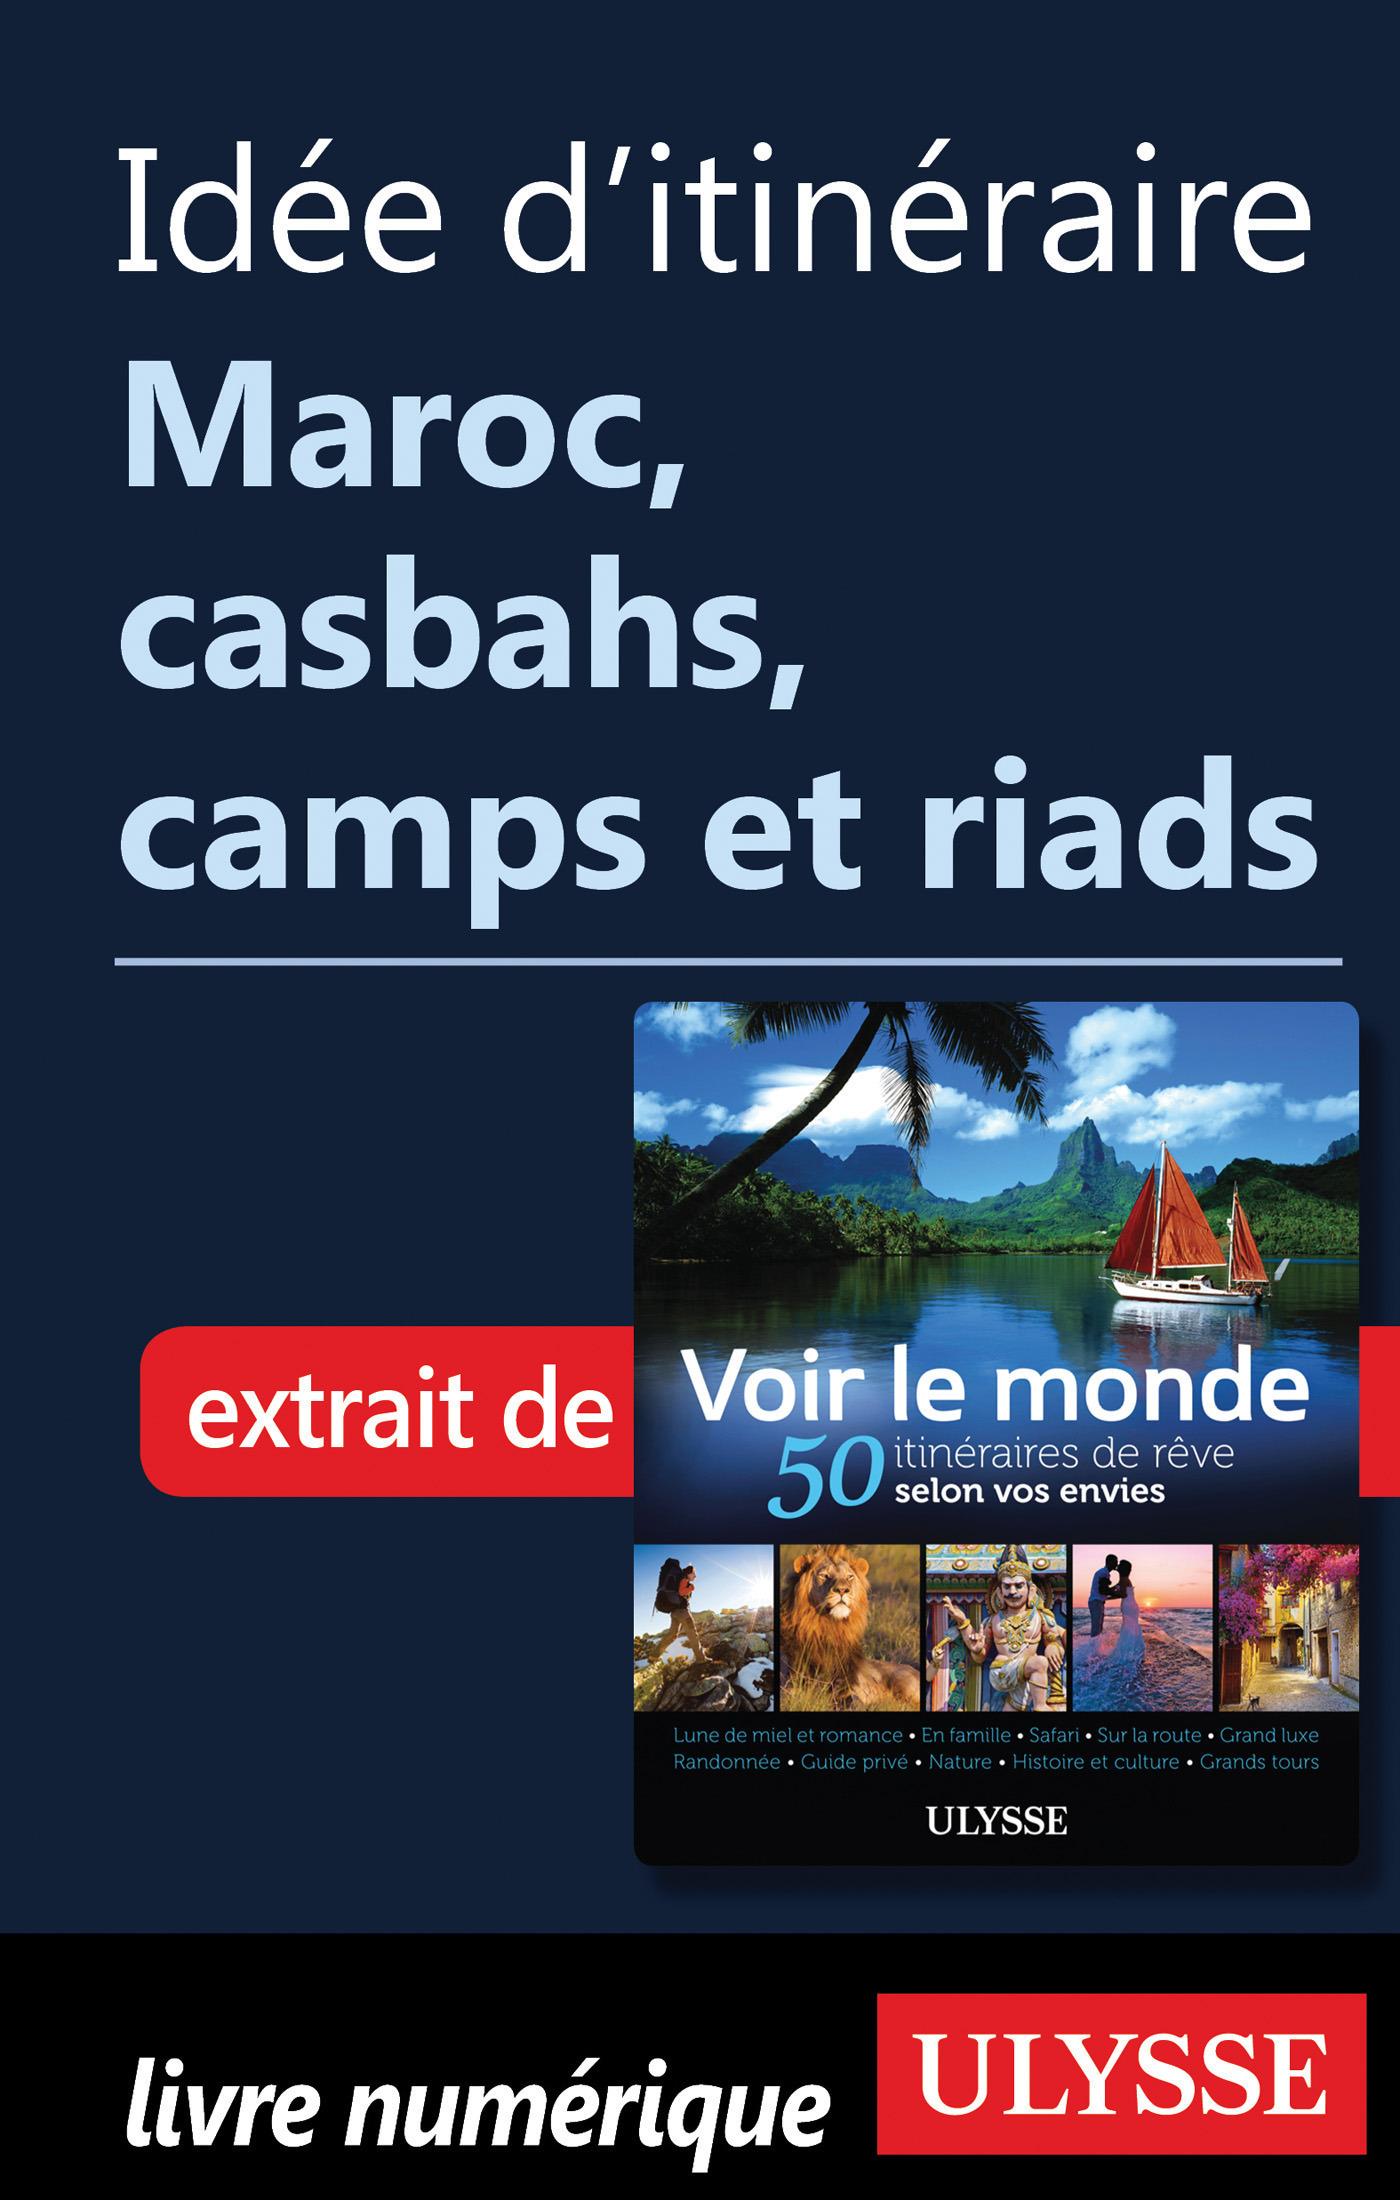 Idée d'itinéraire - Maroc Casbahs, camps et riads